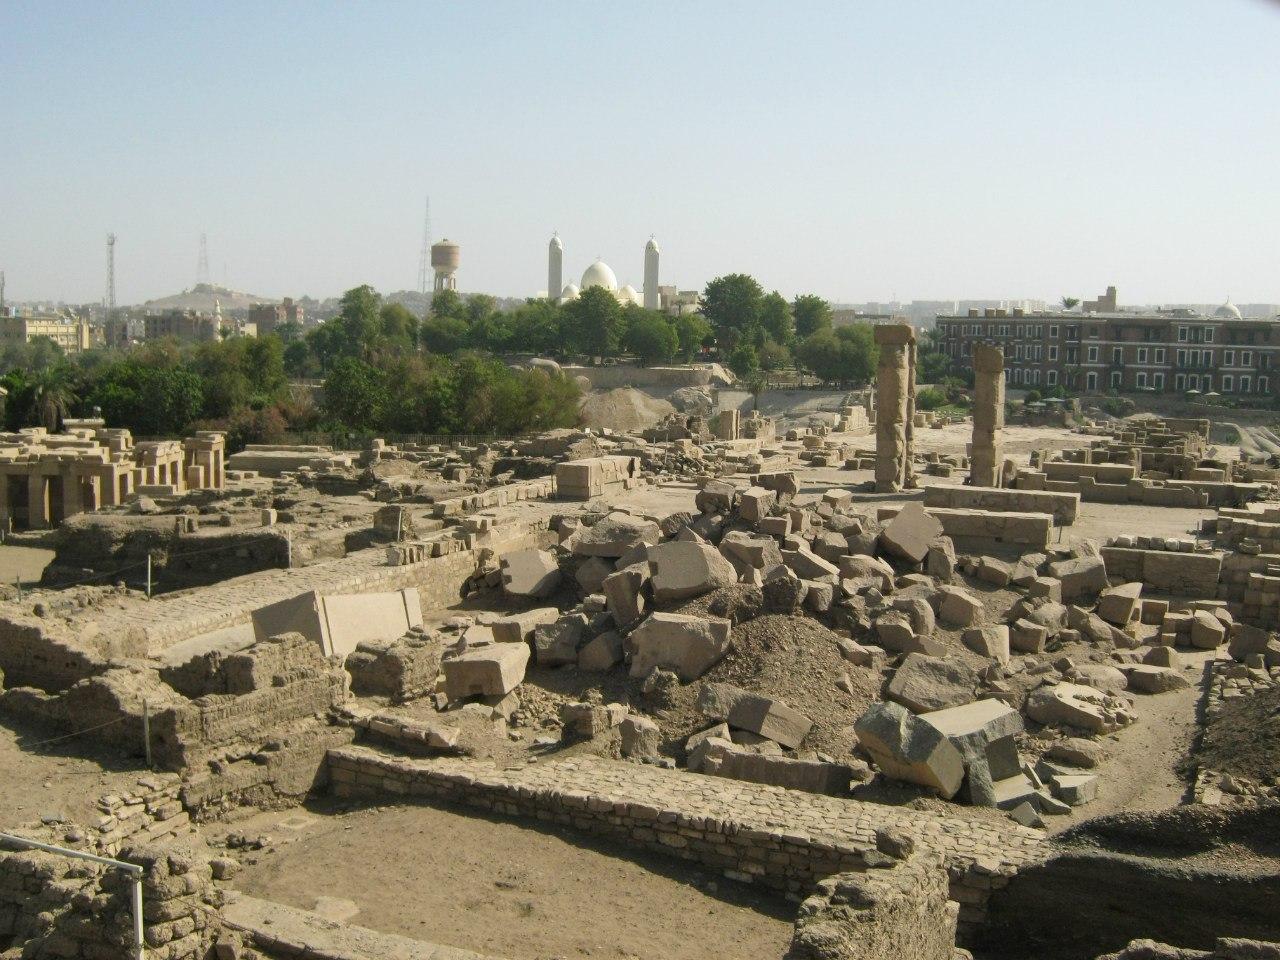 руины древнего города на острове Элефантине (в Асуане)